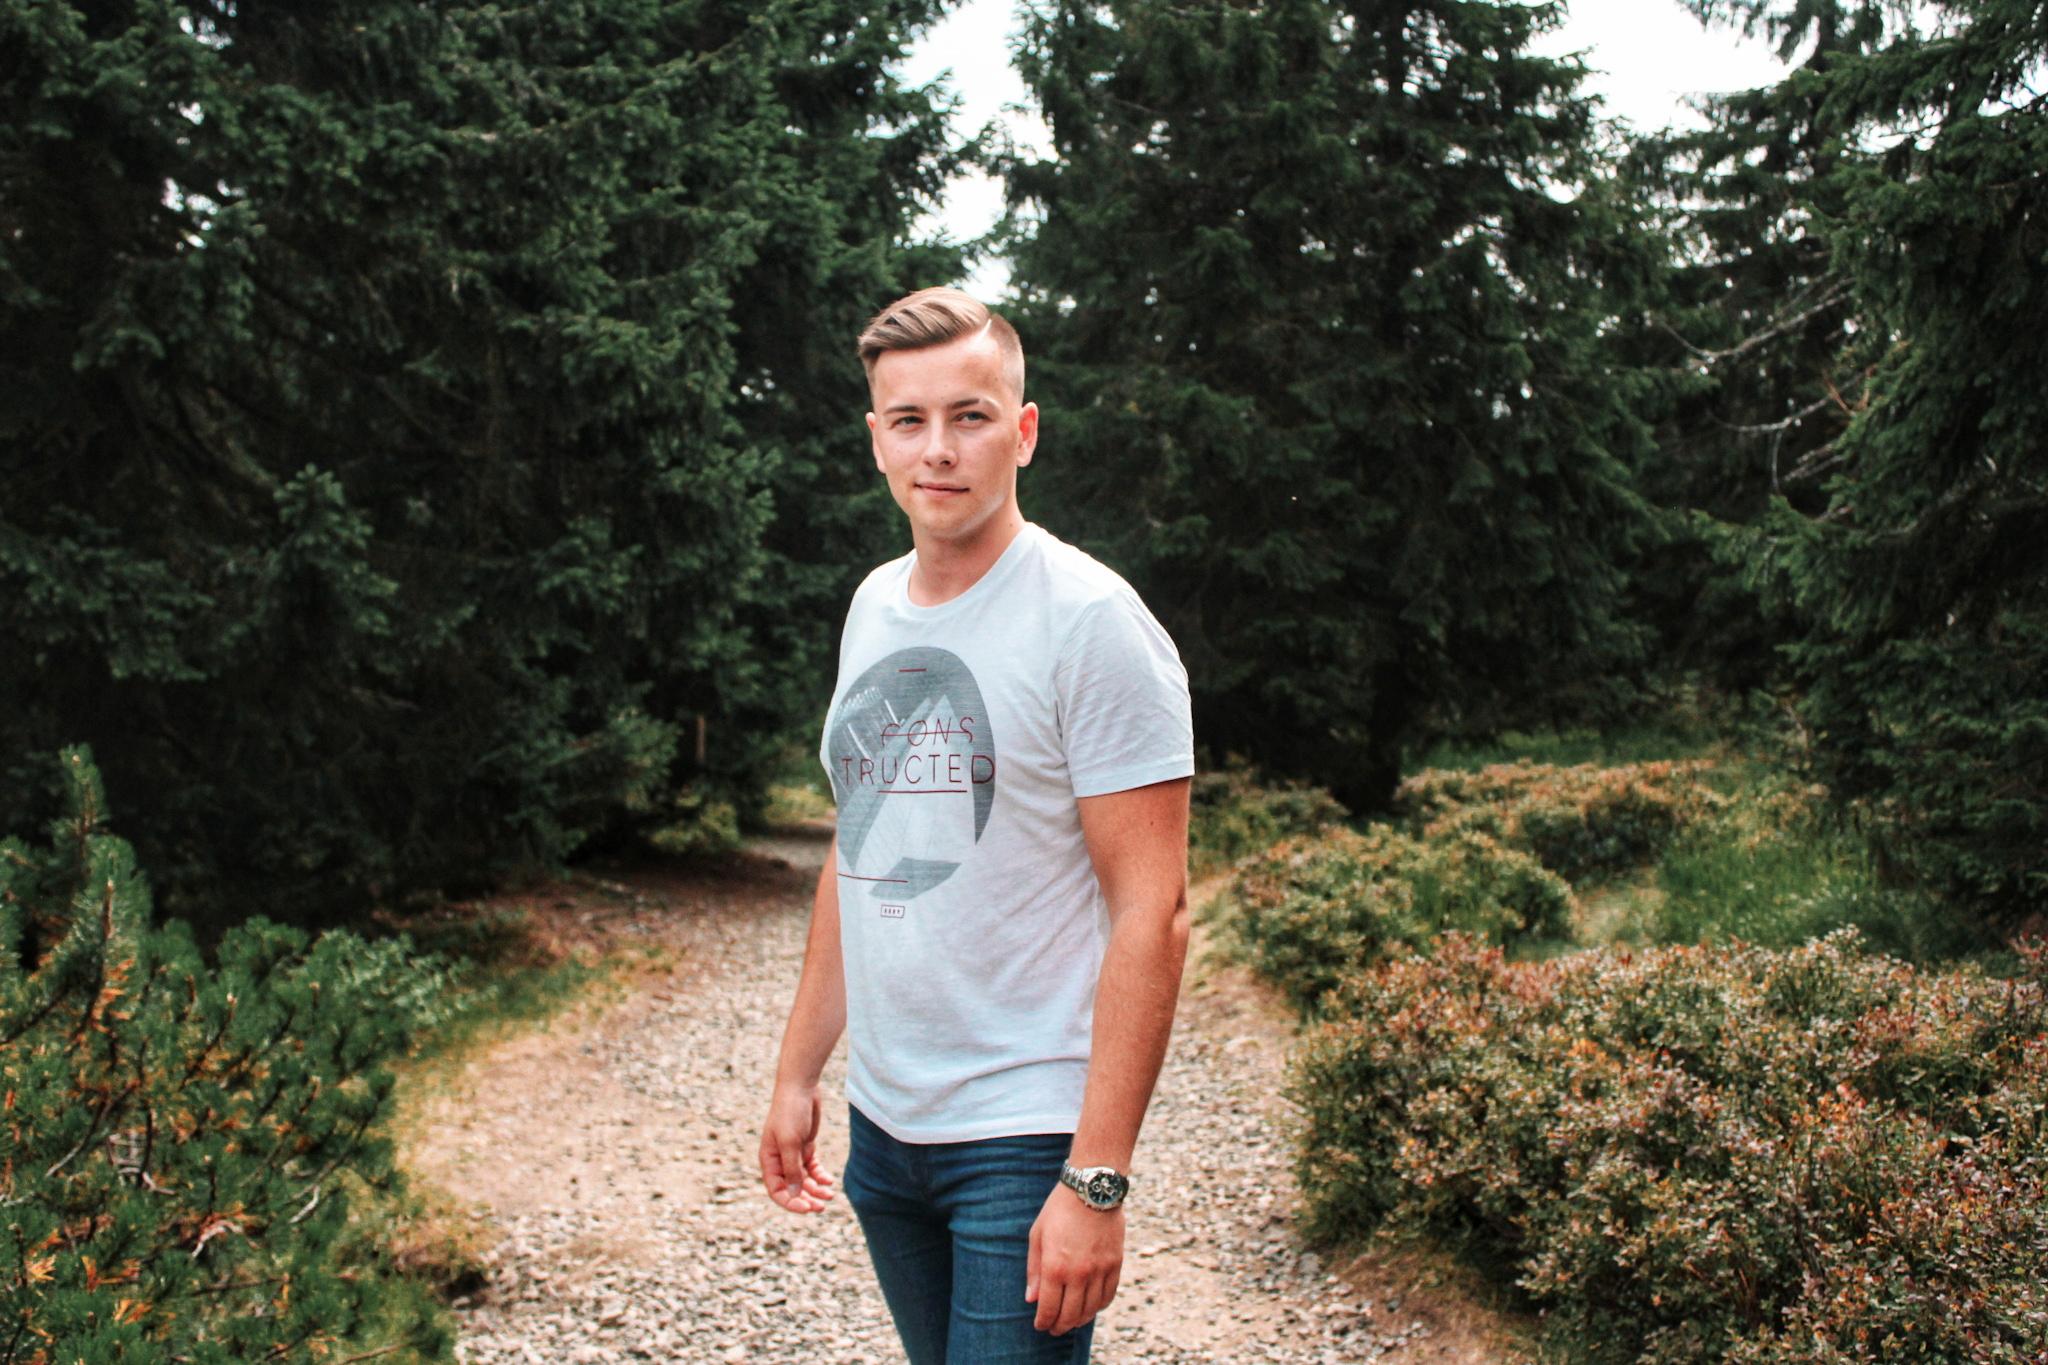 Spisovatel Martin Rousek v přírodě